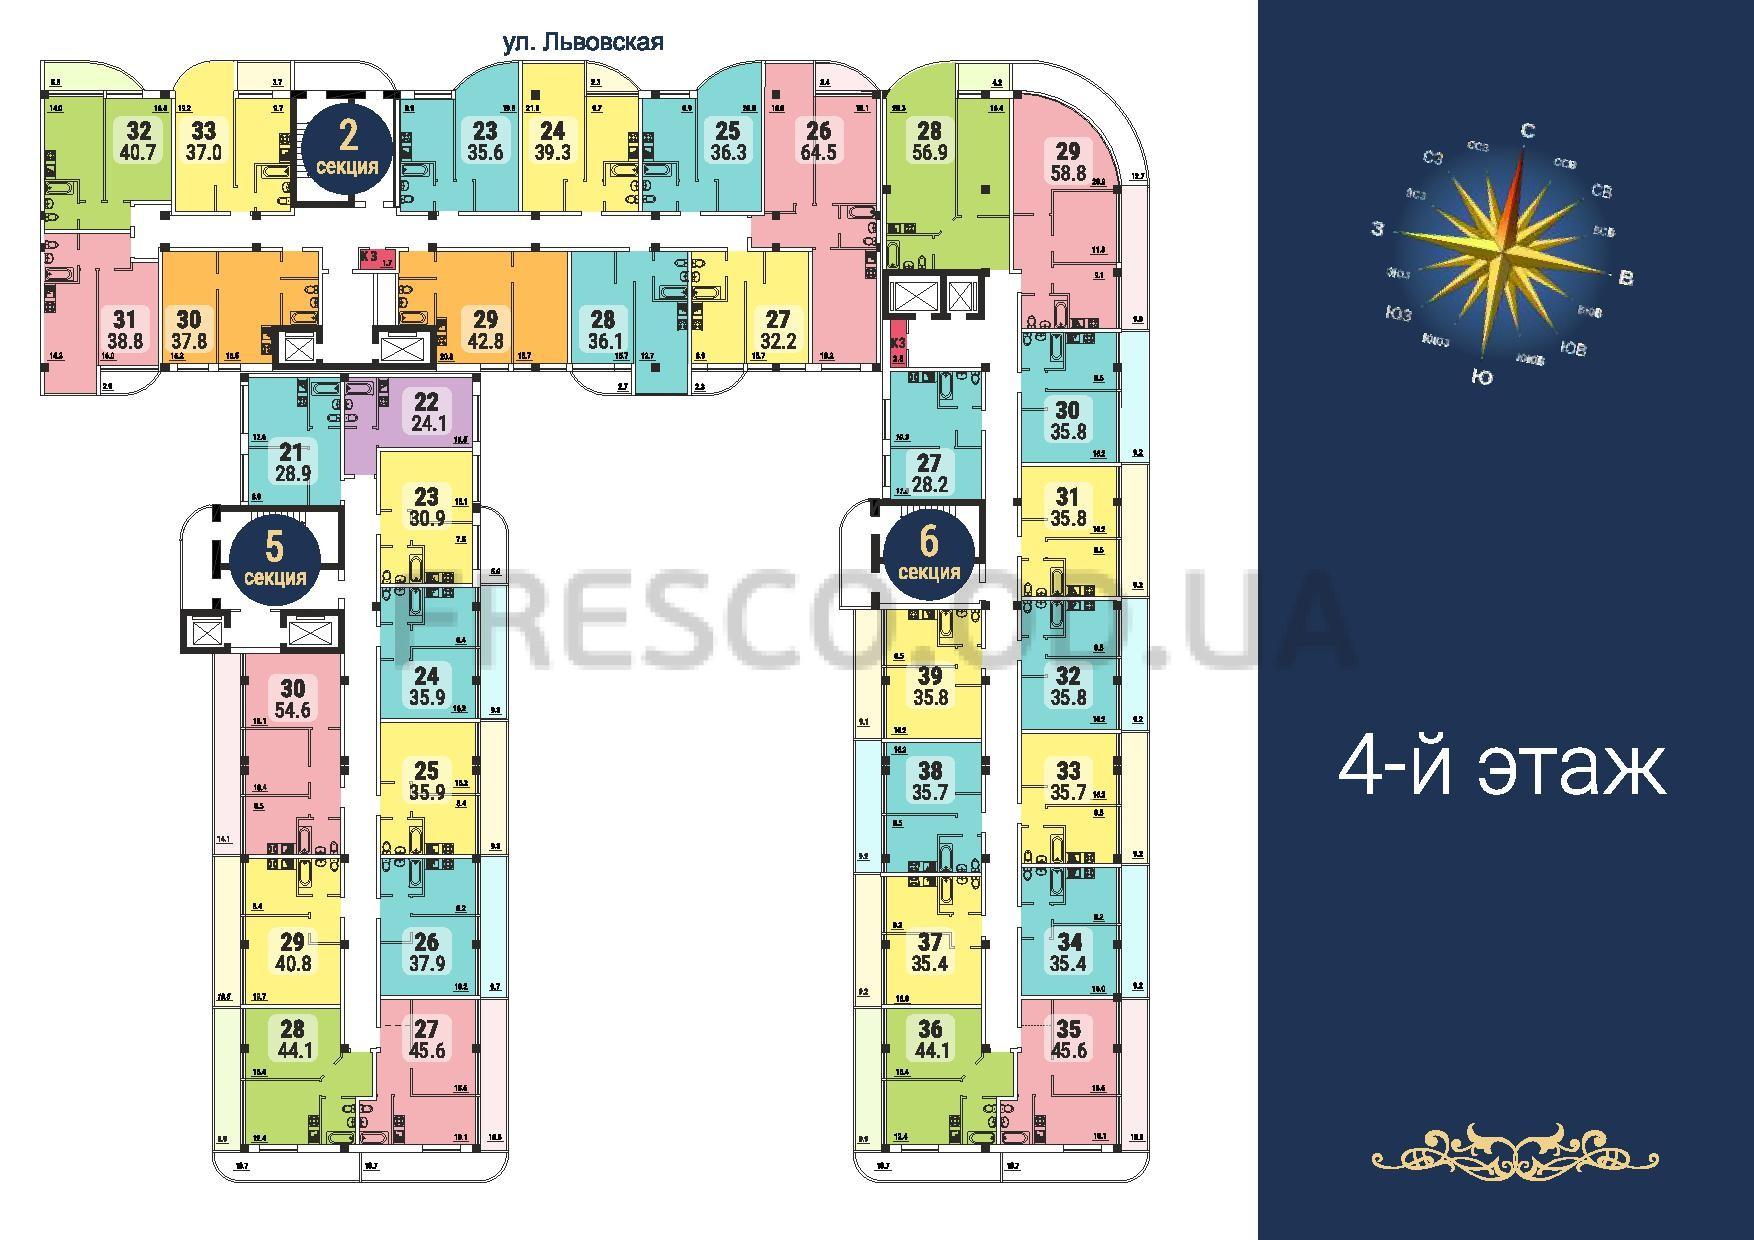 ЖК Море секции 2,5,6 план 4 этажа